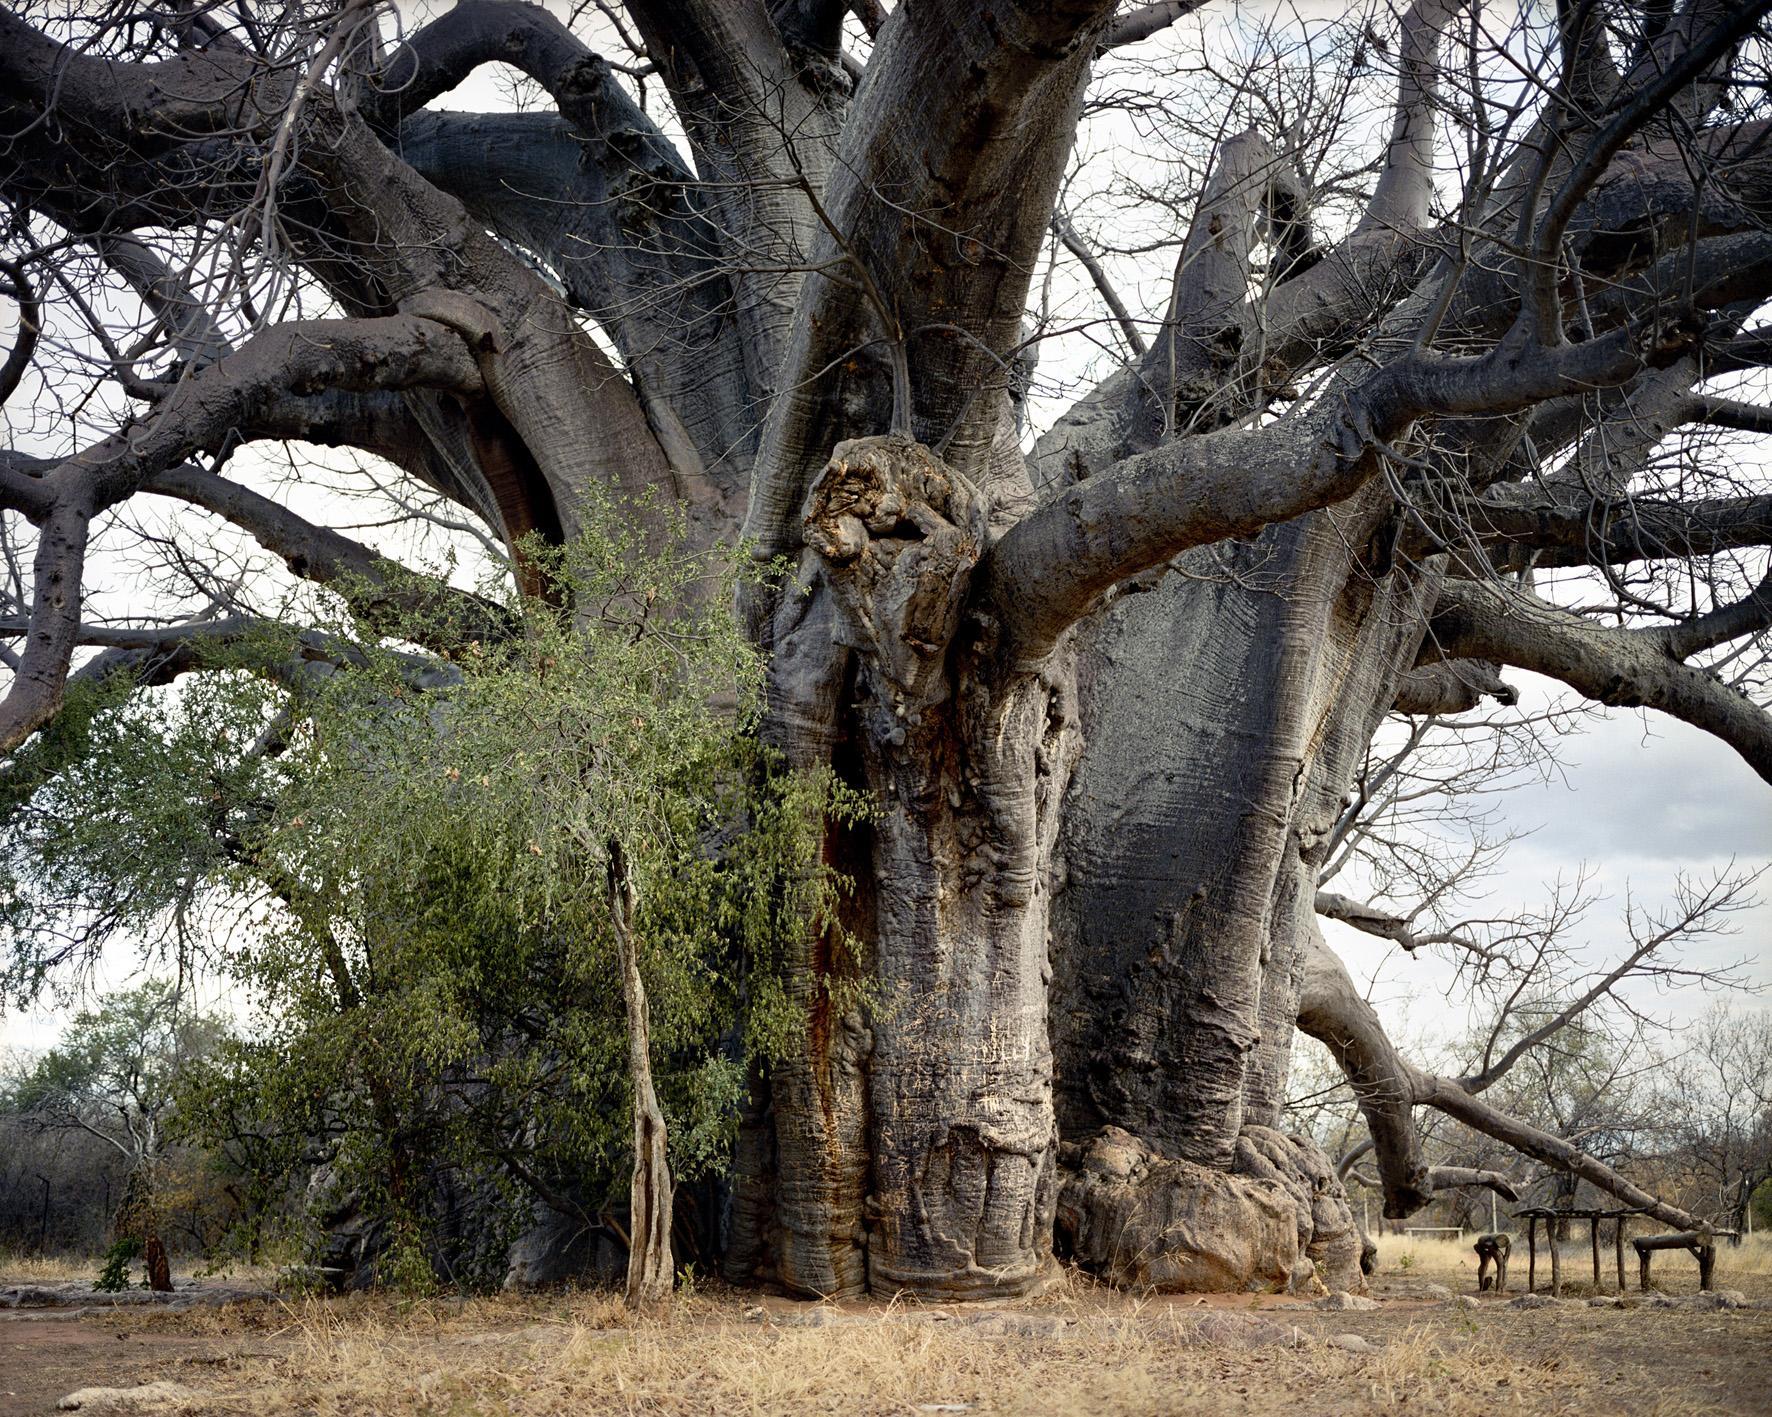 Les organismes vivants les plus vieux du monde | La boite verte